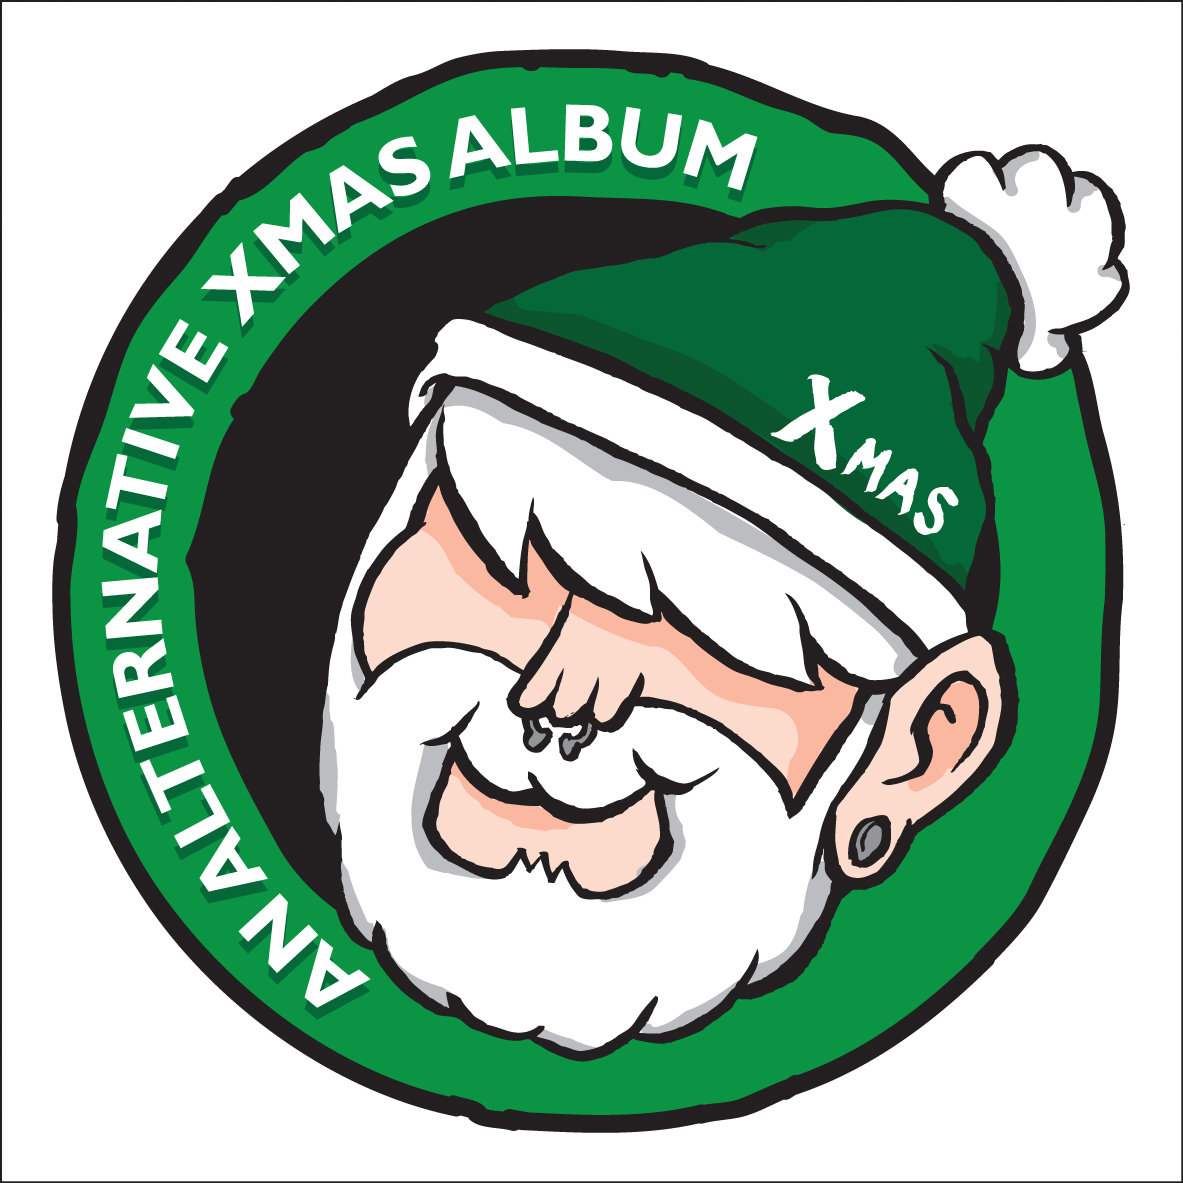 http://pessimister.bandcamp.com/album/christmas-album